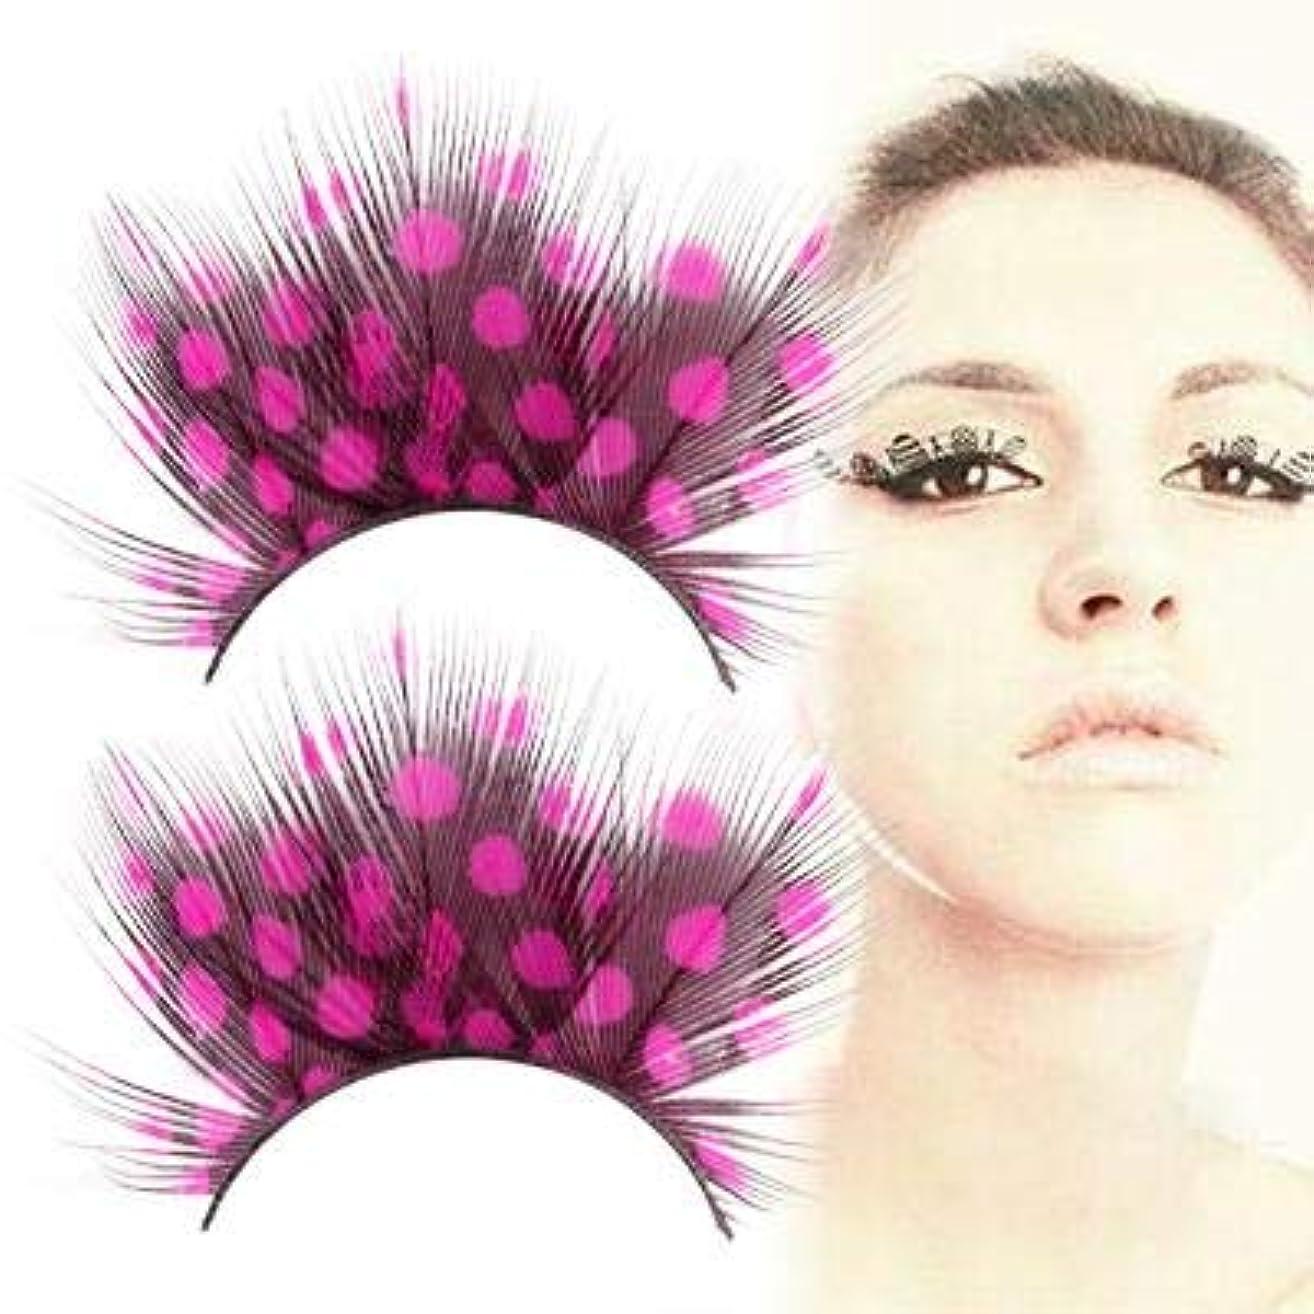 仲人マニフェストビーチ美容アクセサリー ペアのスポットデザイン大きな目の偽のまつげ 写真美容アクセサリー (色 : Color1)